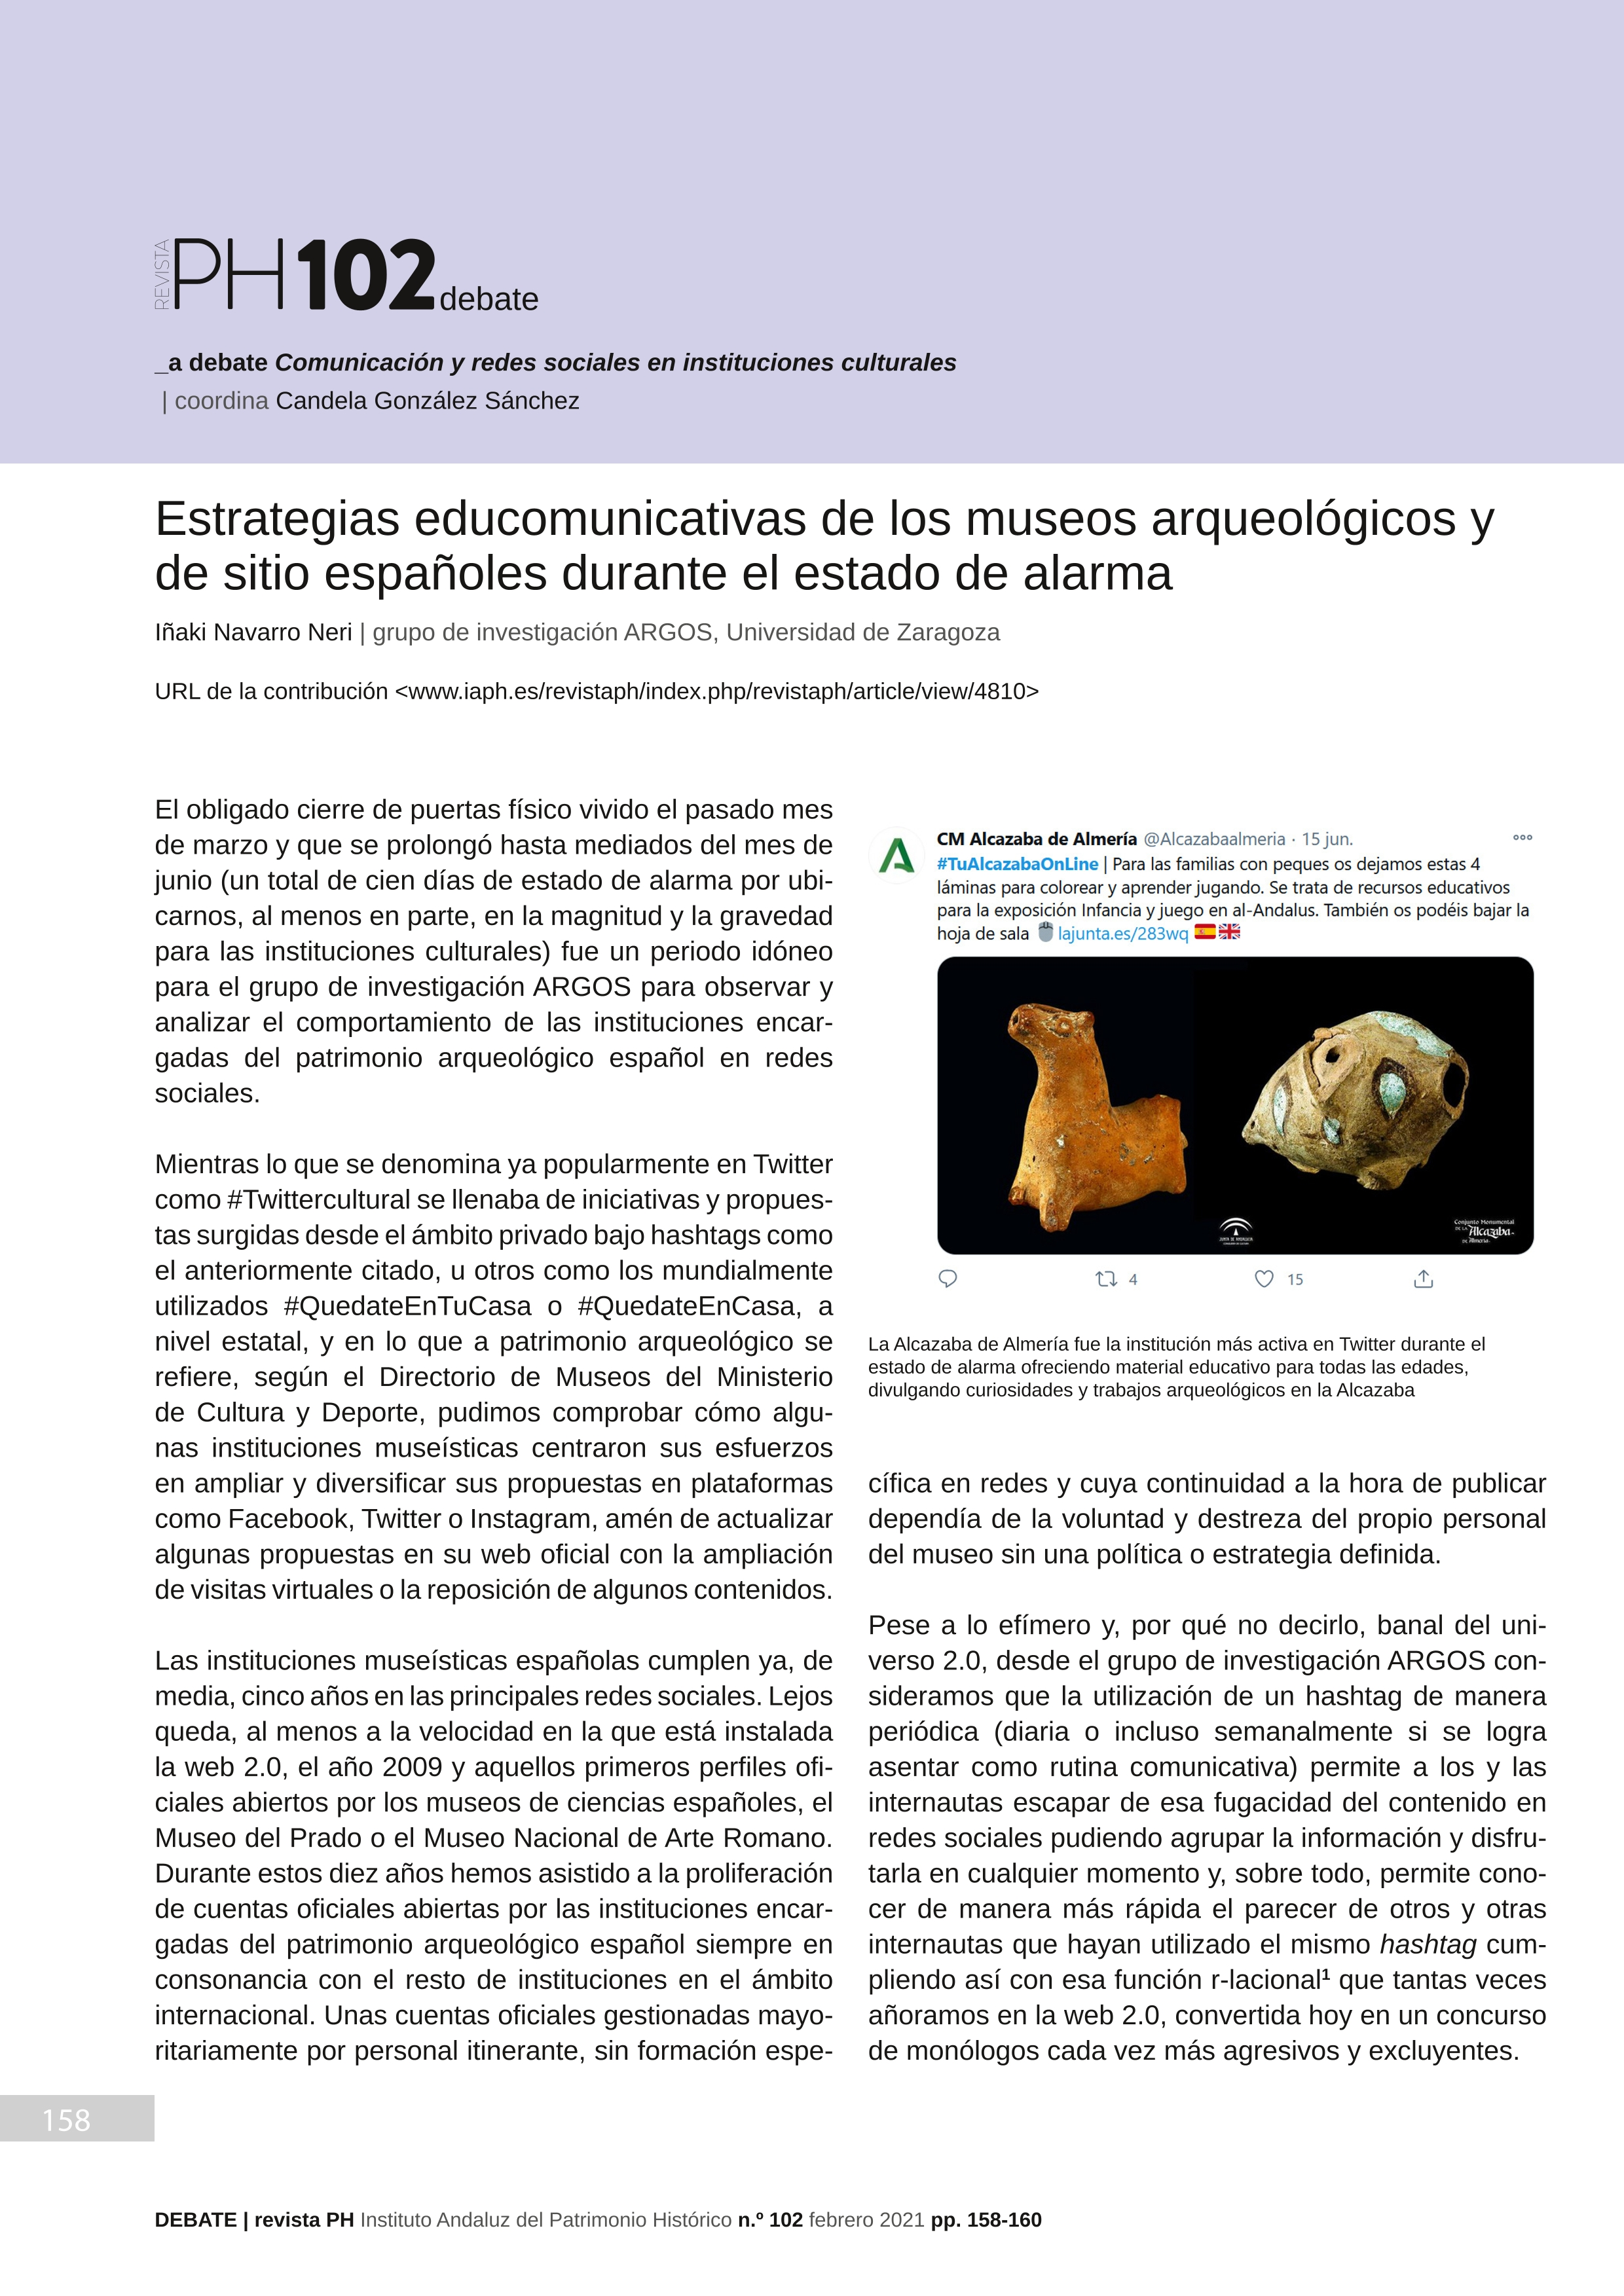 Estrategias educomunicativas de los museos arqueológicos y de sitio españoles durante el estado de alarma